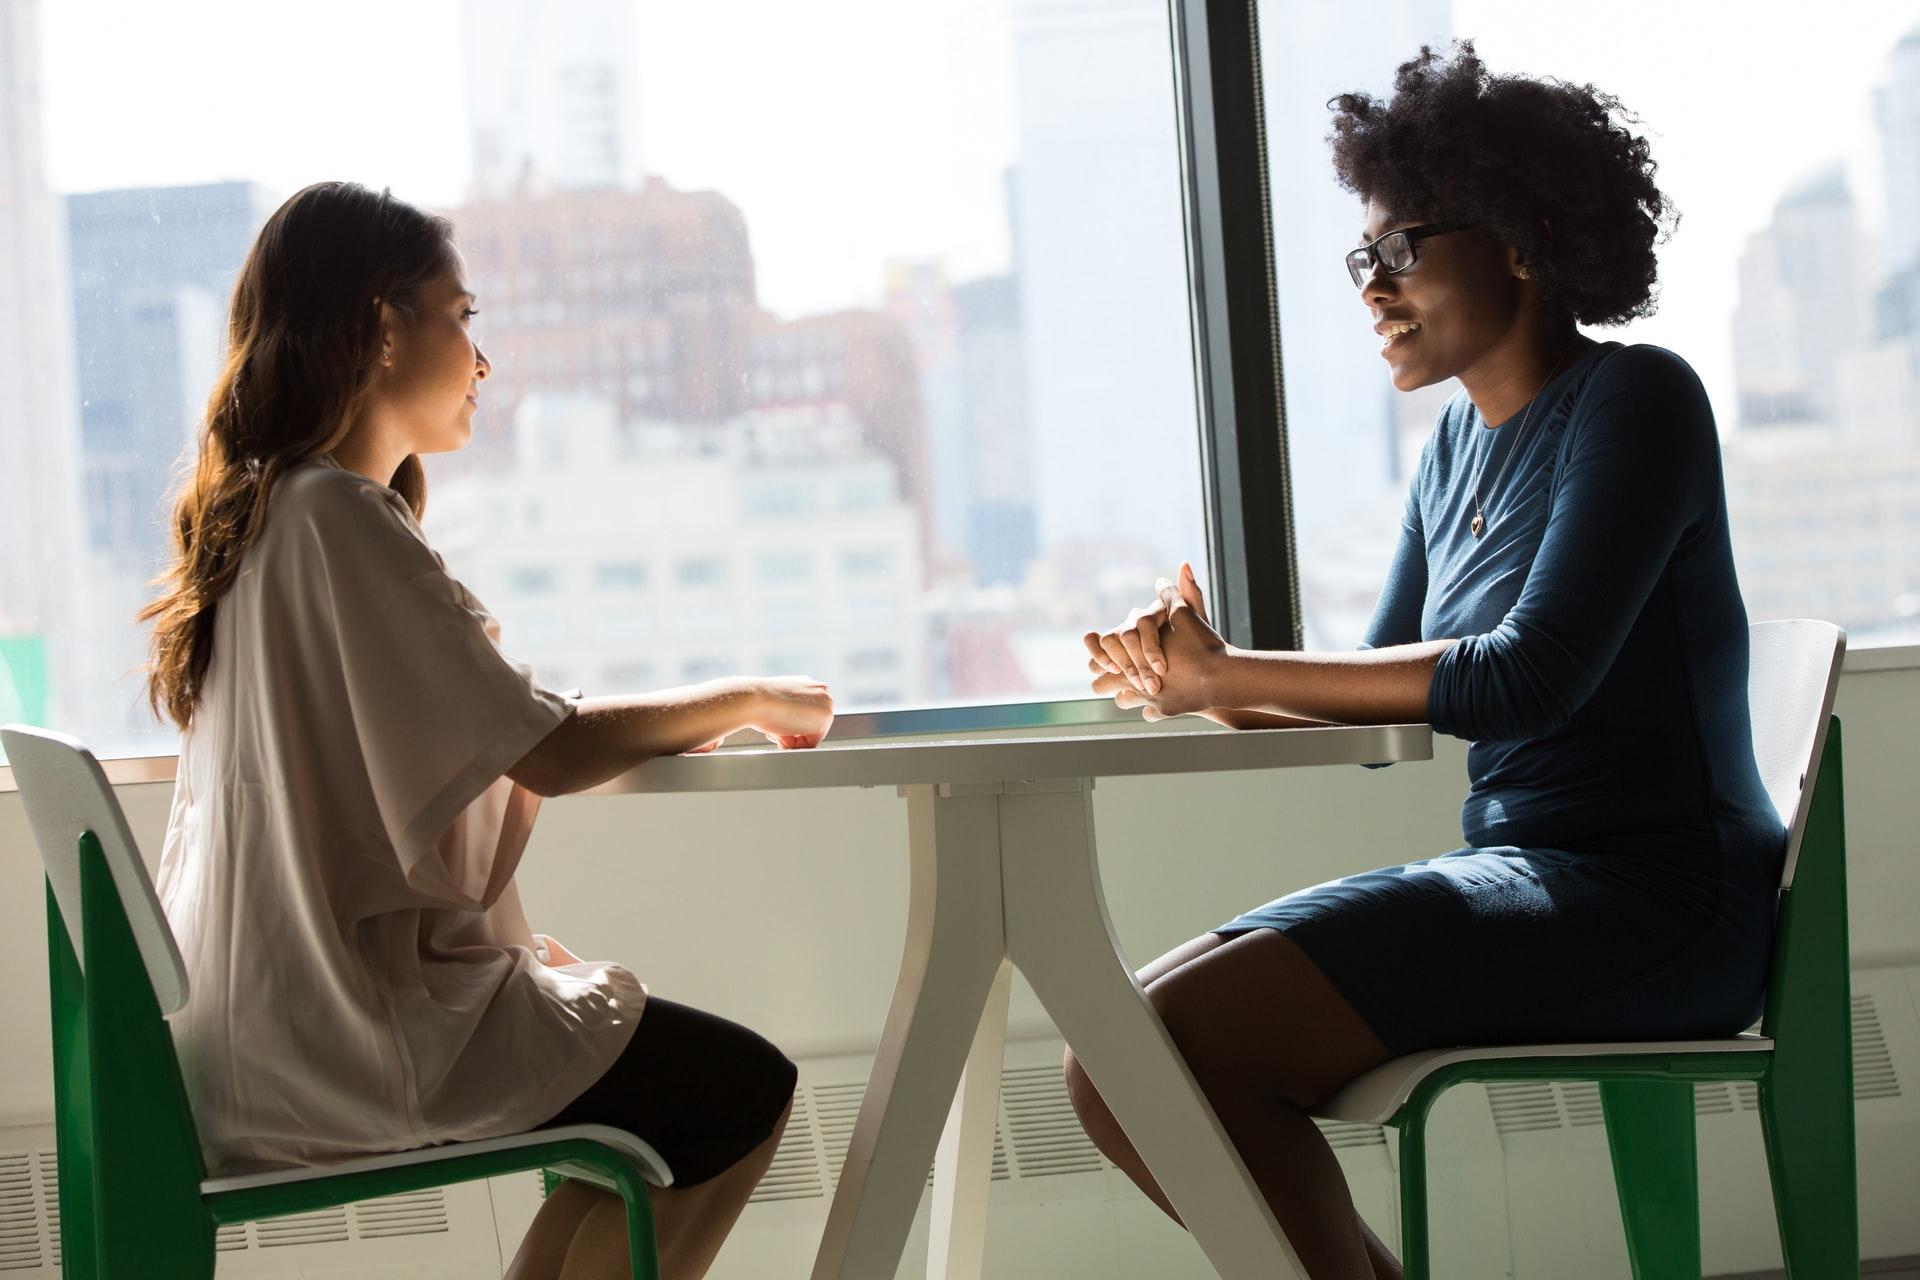 trauma therapist trauma counselor trauma psychologist